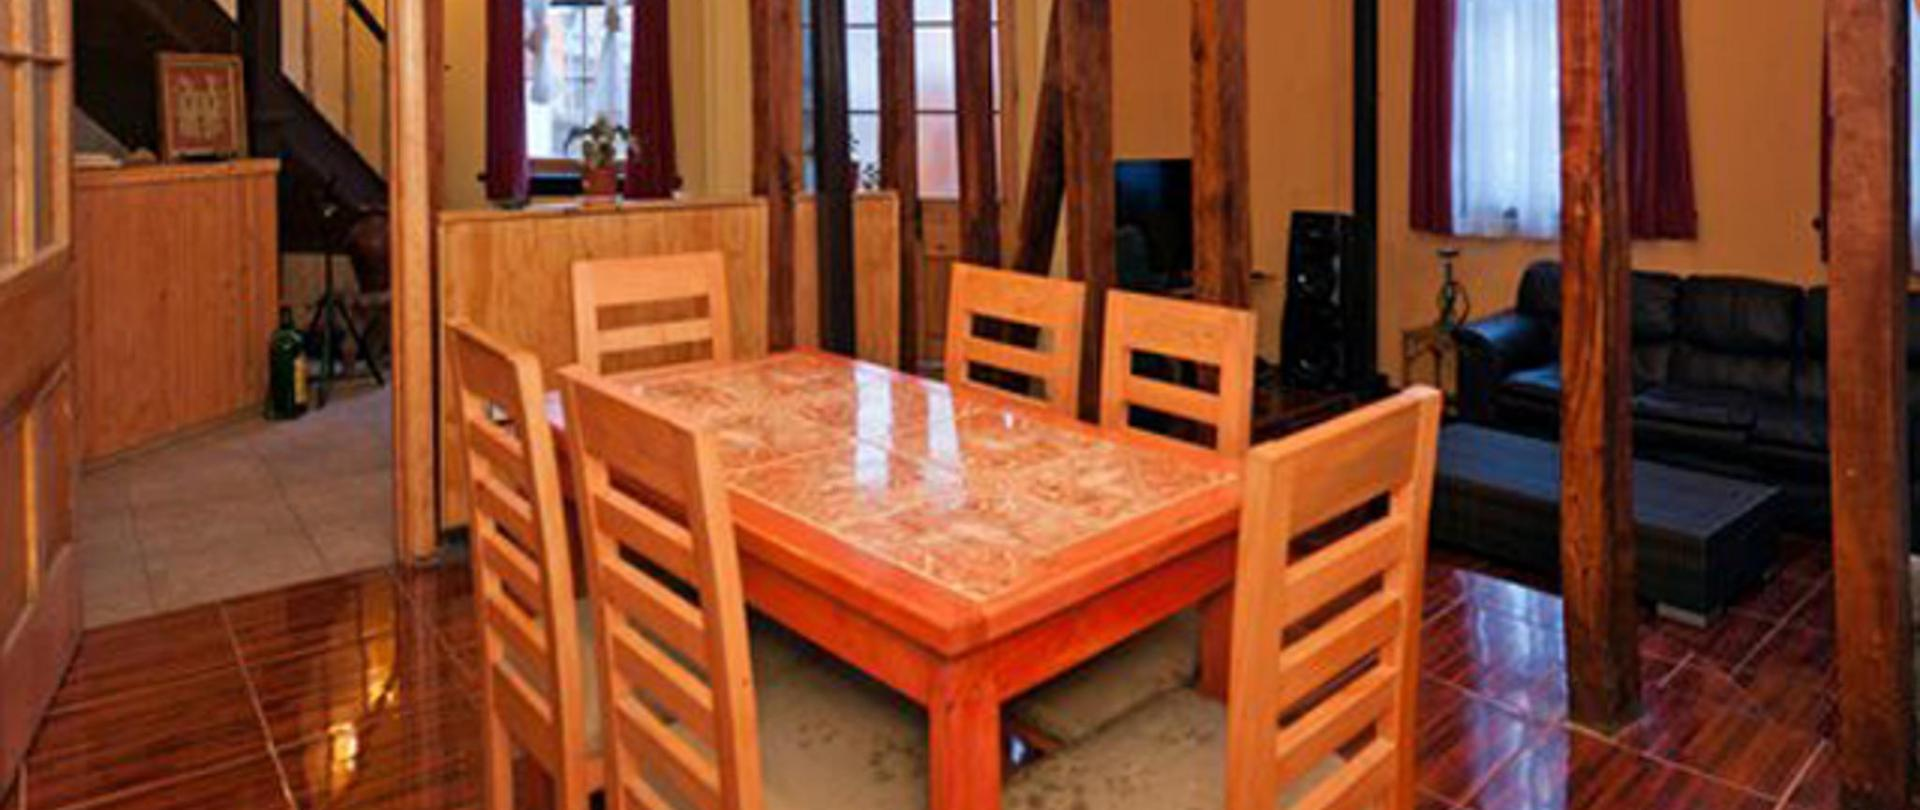 espacios_comunes_la_casa_del_puerto.png